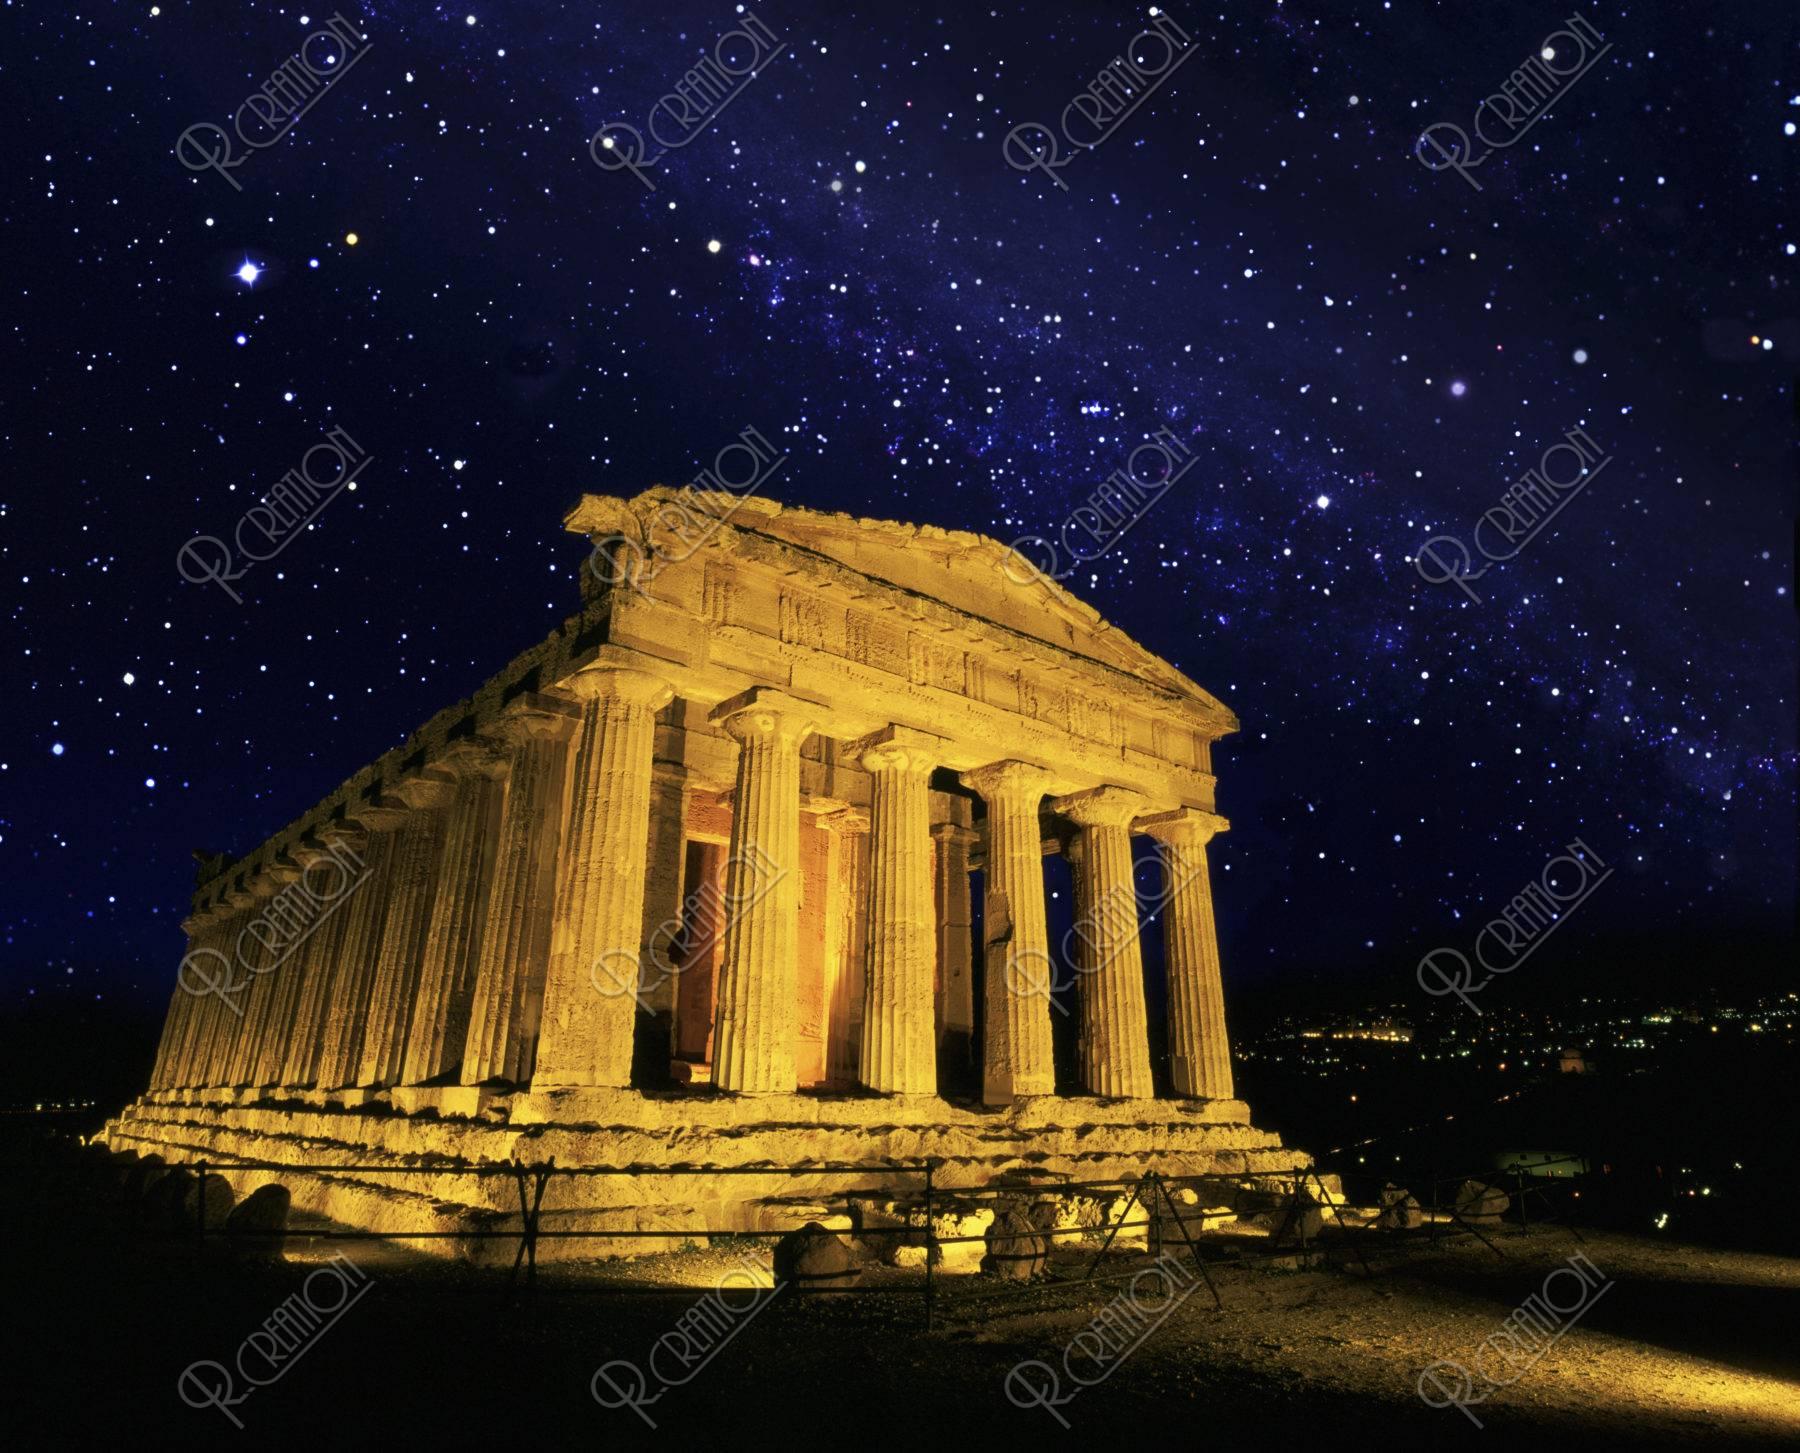 コンコルディア神殿 世界遺産 夜景 星空 合成